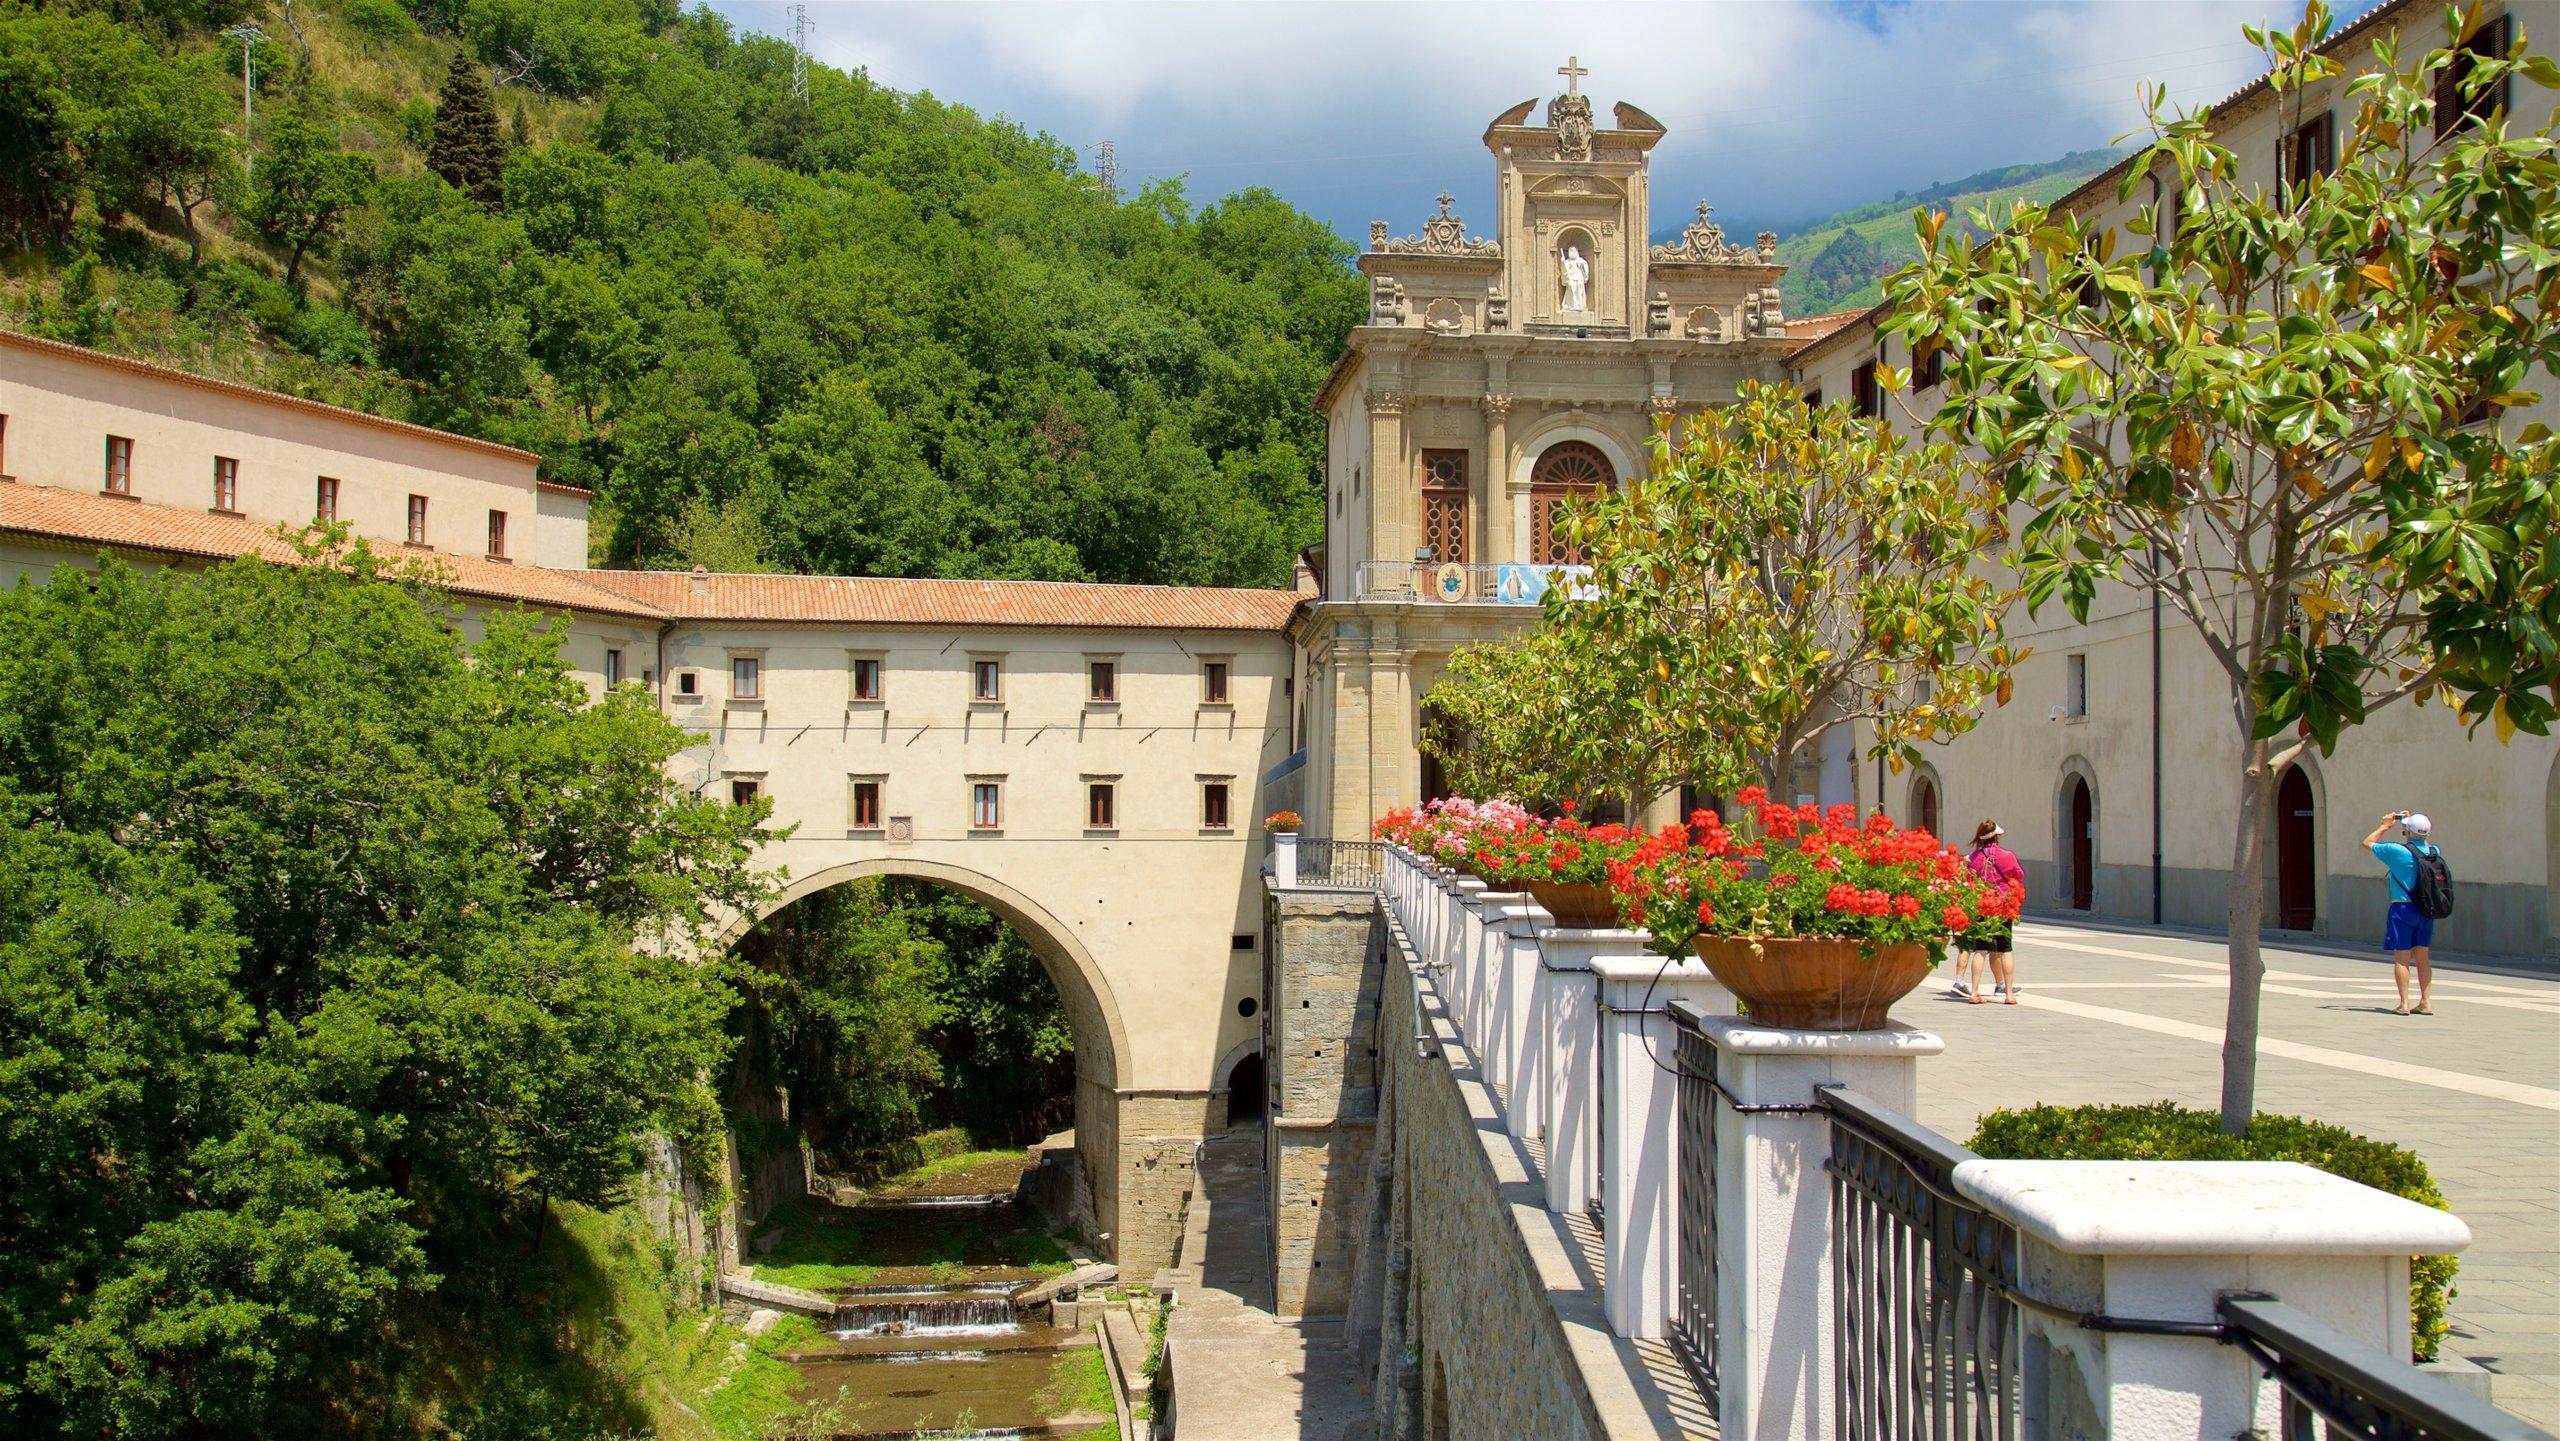 Paola turismo: Qué visitar en Paola, Calabria, 2020| Viaja con Expedia